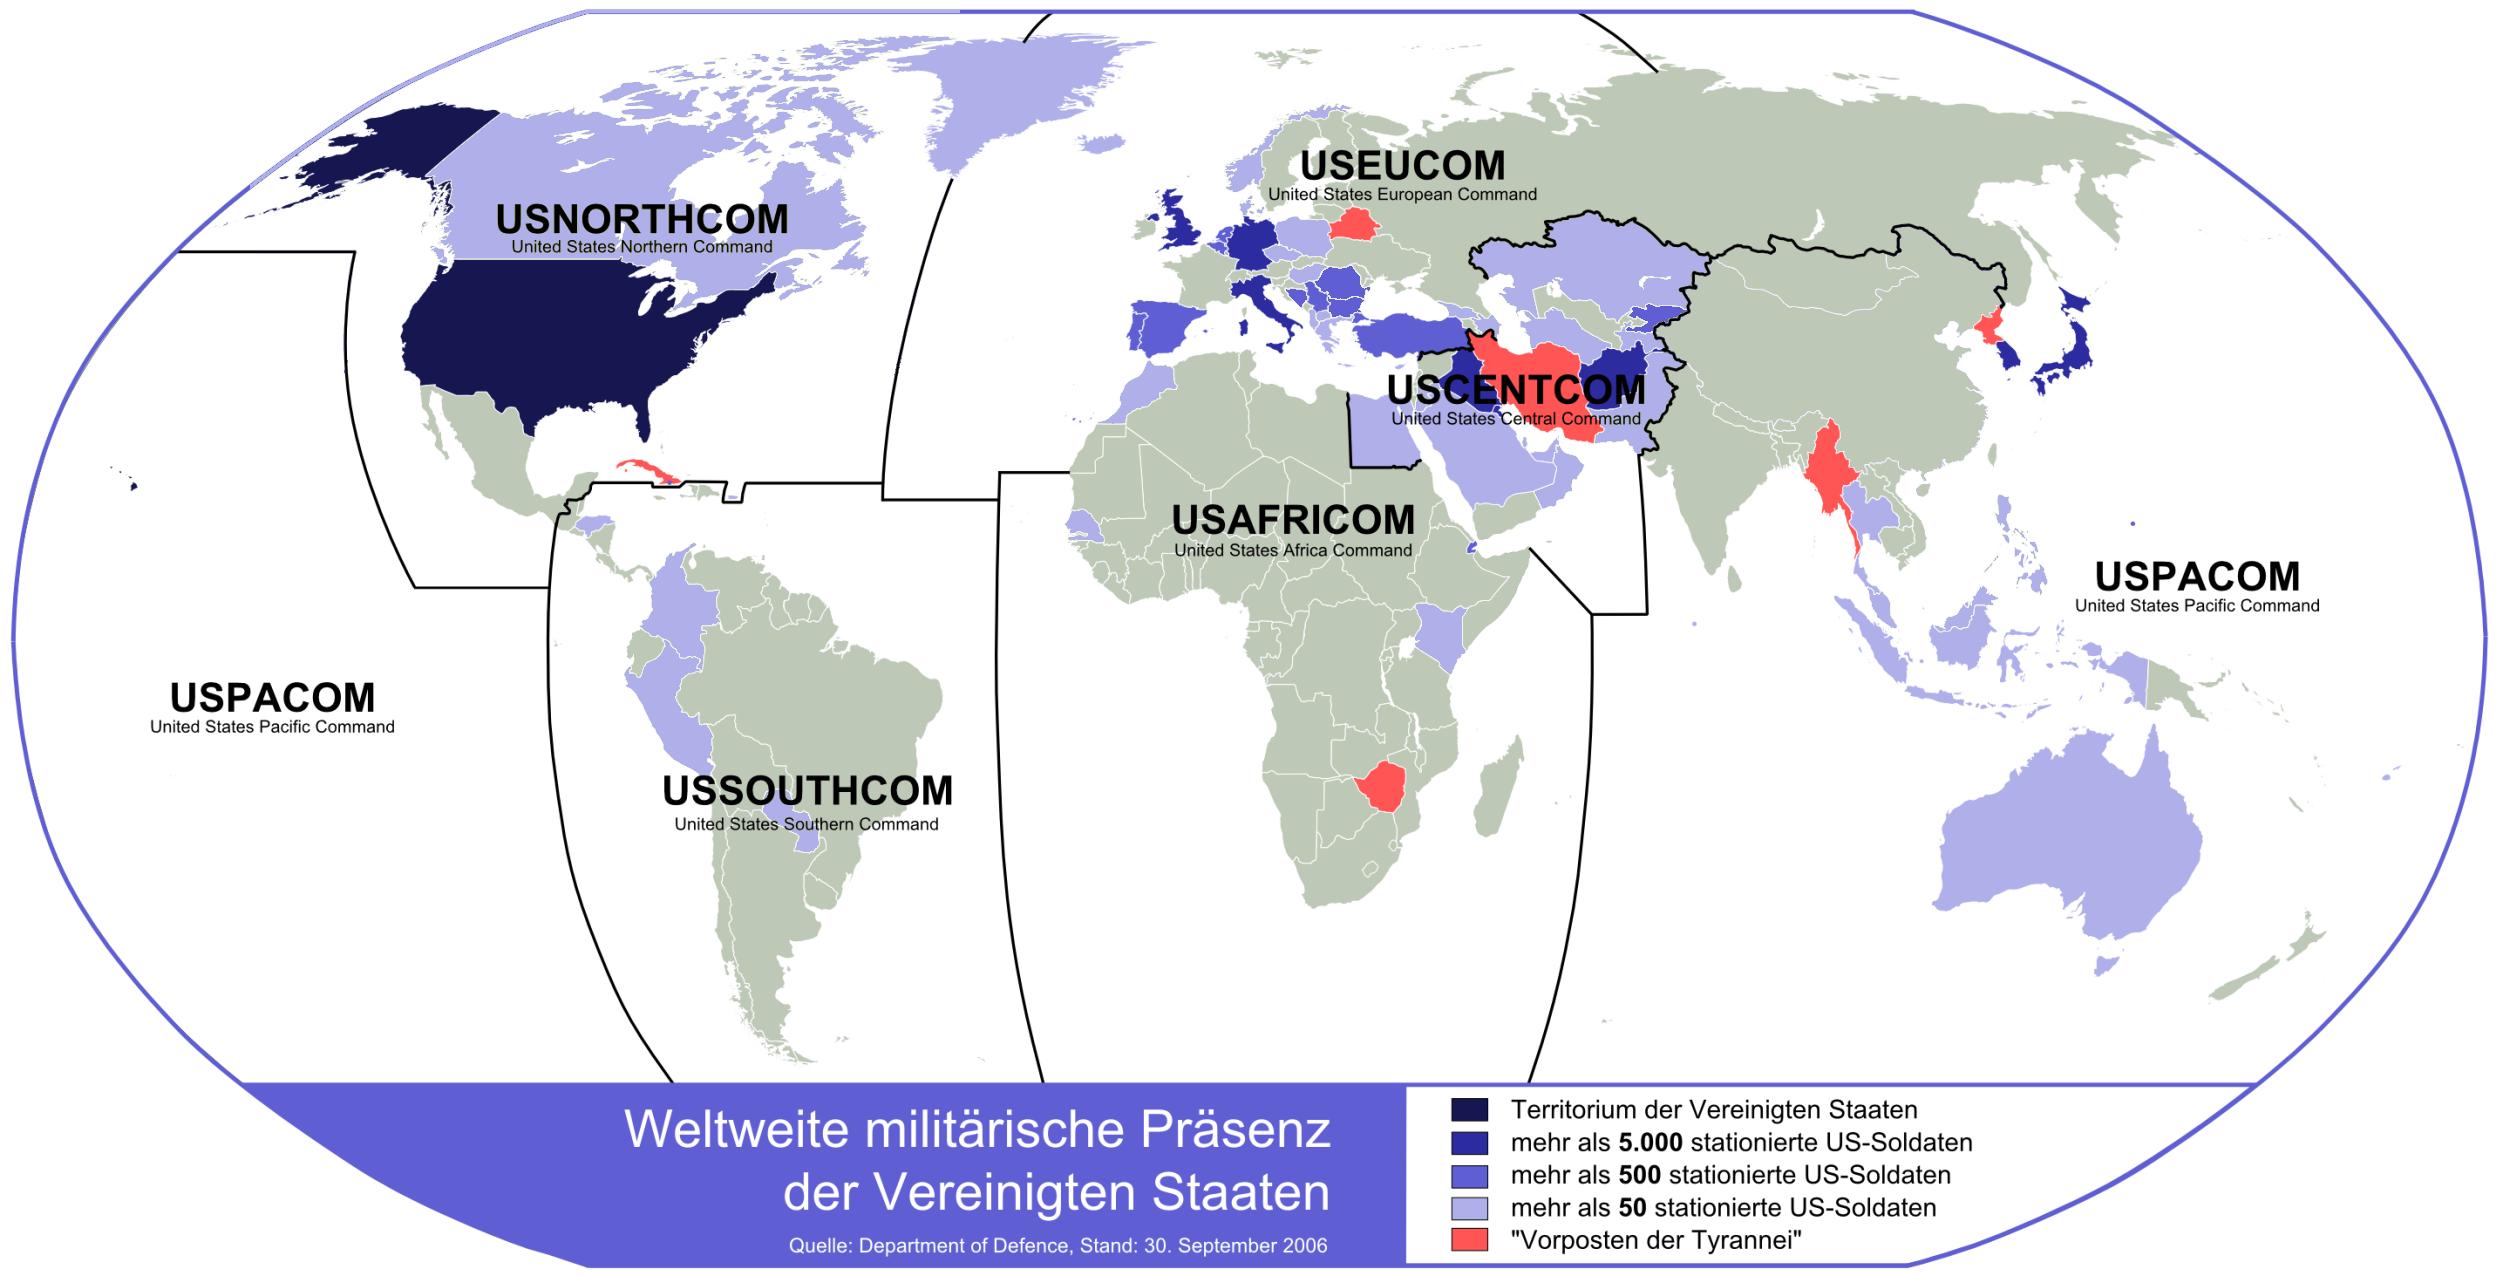 Weltweite militärische Präsenz der Vereinigten Staaten